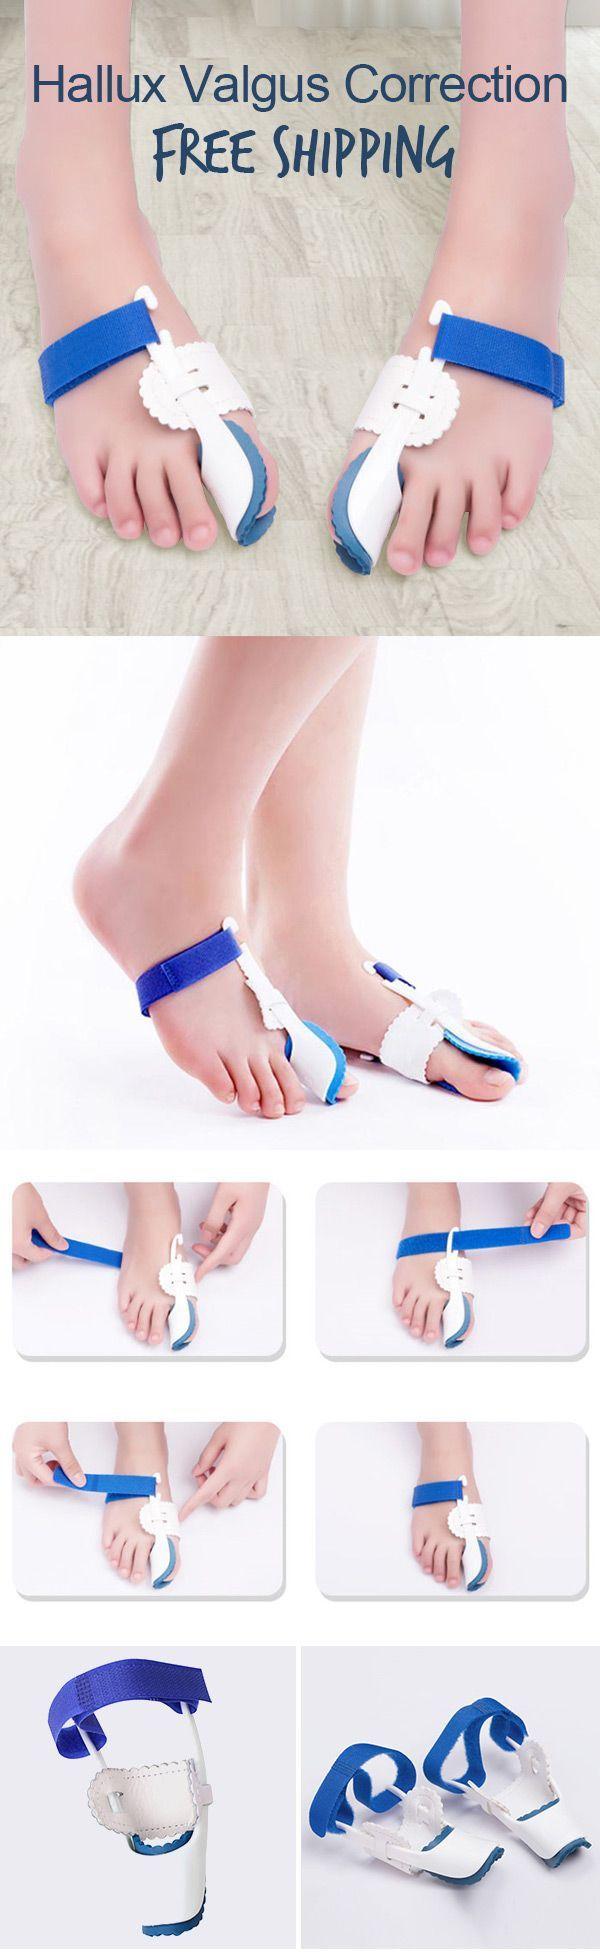 1 Pair Foot Bones Corrector Bunion Device Hallux Valgus Correction Orthopedic Foot Bones Corrector